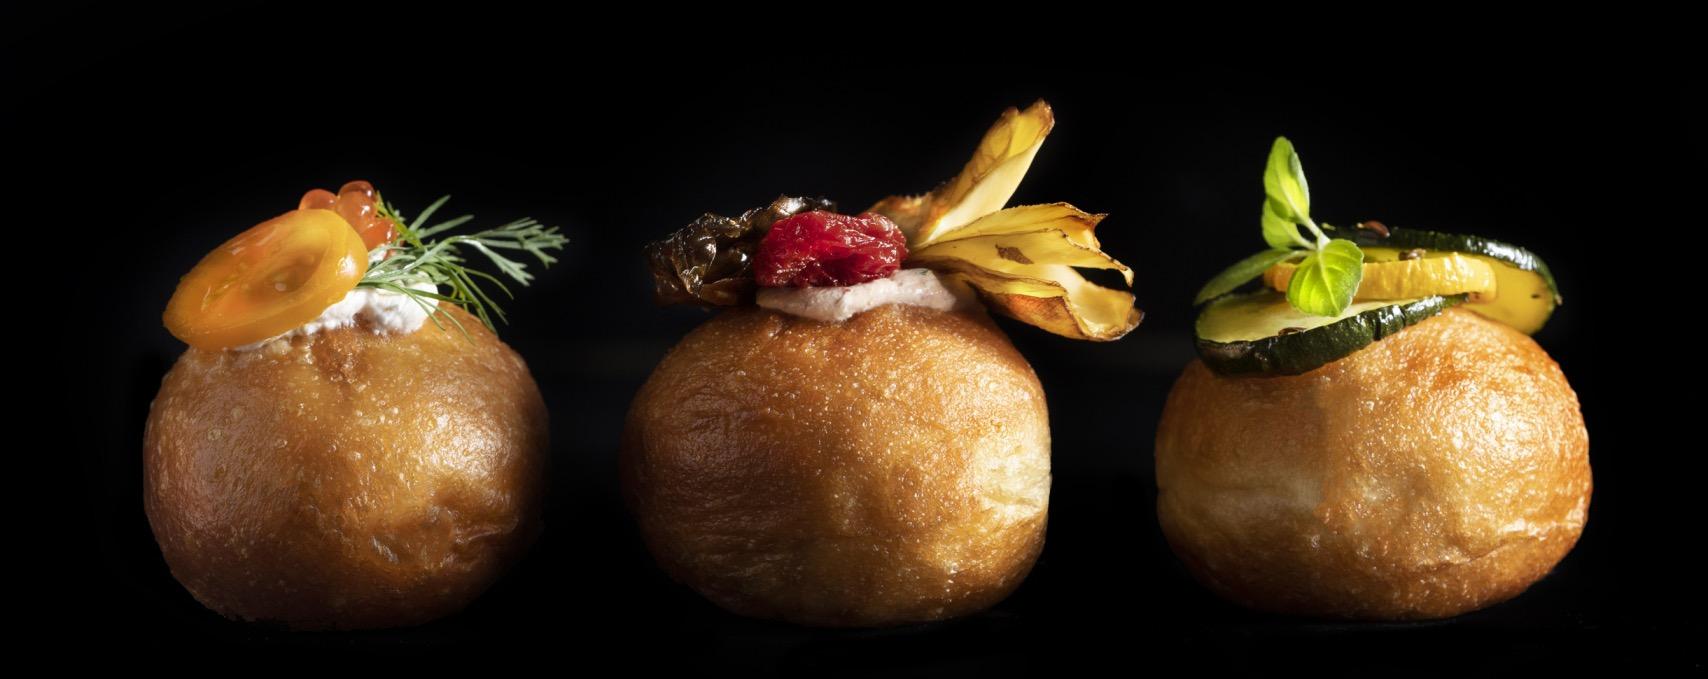 השף מוריס מונייה מעניק מתכון להכנת מיני מיני סופגניית בריוש עם מילוי זוקיני 🦜🍩